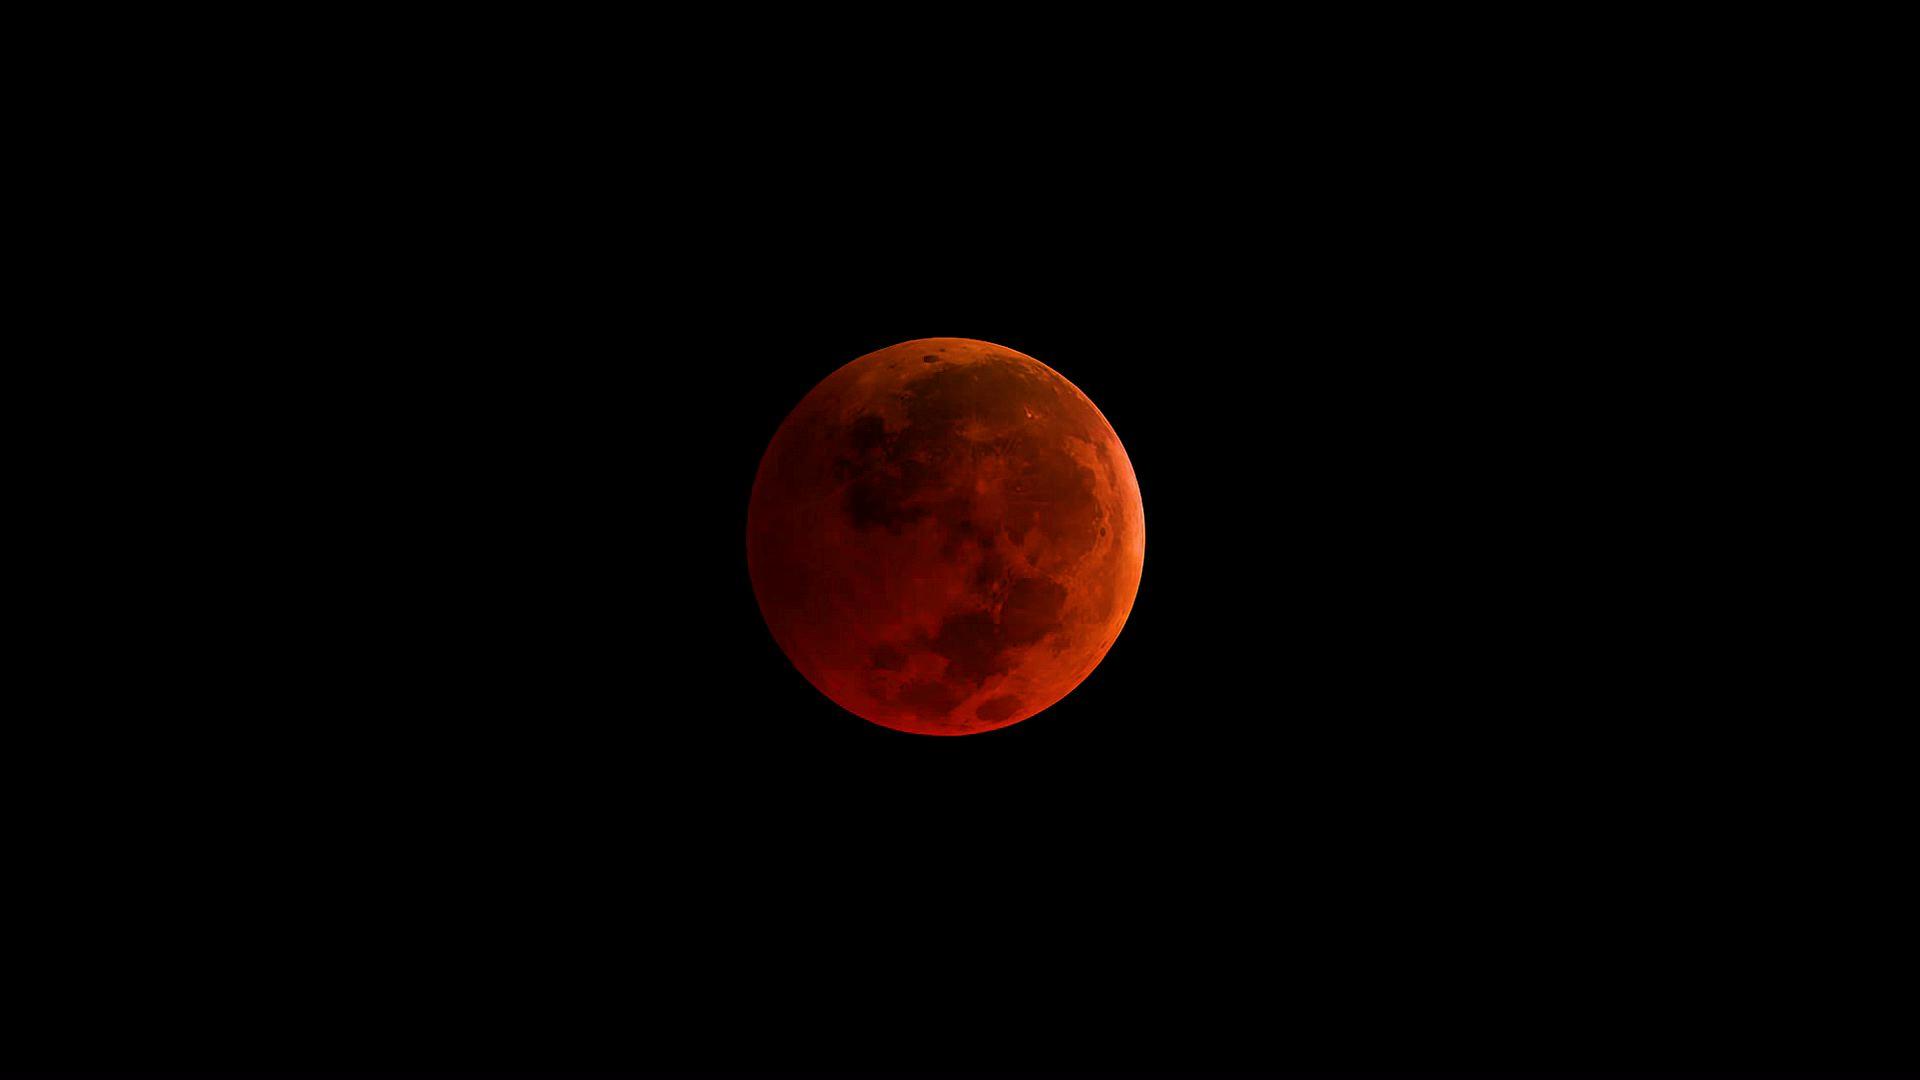 ภาพขณะเกิดจันทรุปราคาเต็มดวงเป็นสีแดงอิฐโดยนาซา (NASA)